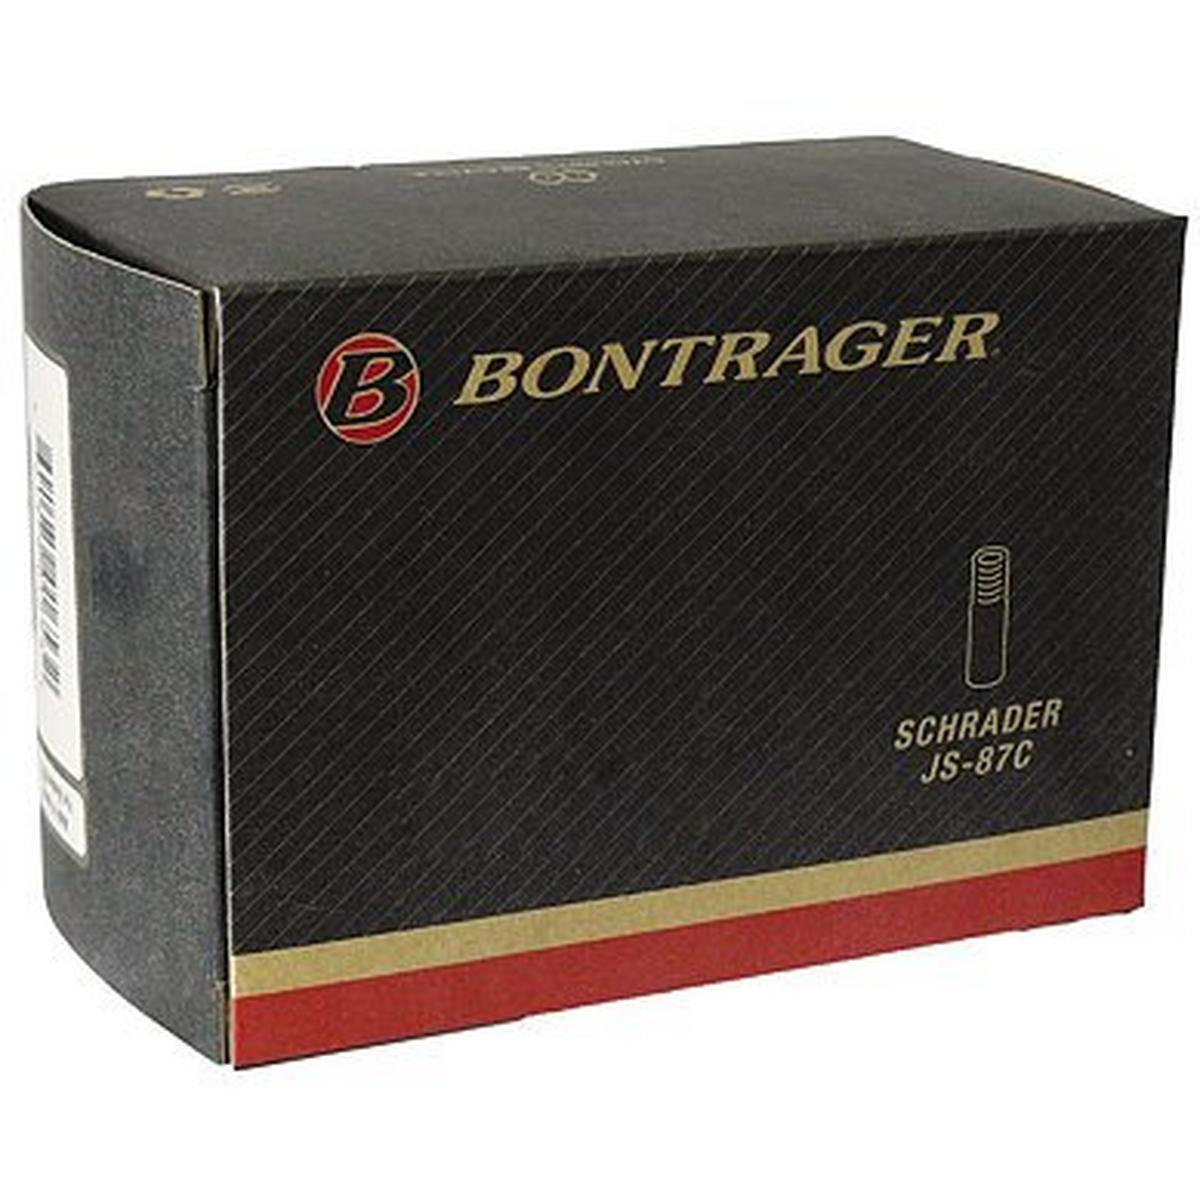 Bontrager 14 x 1.50 - 2.125 Schrader Valve Inner Tube